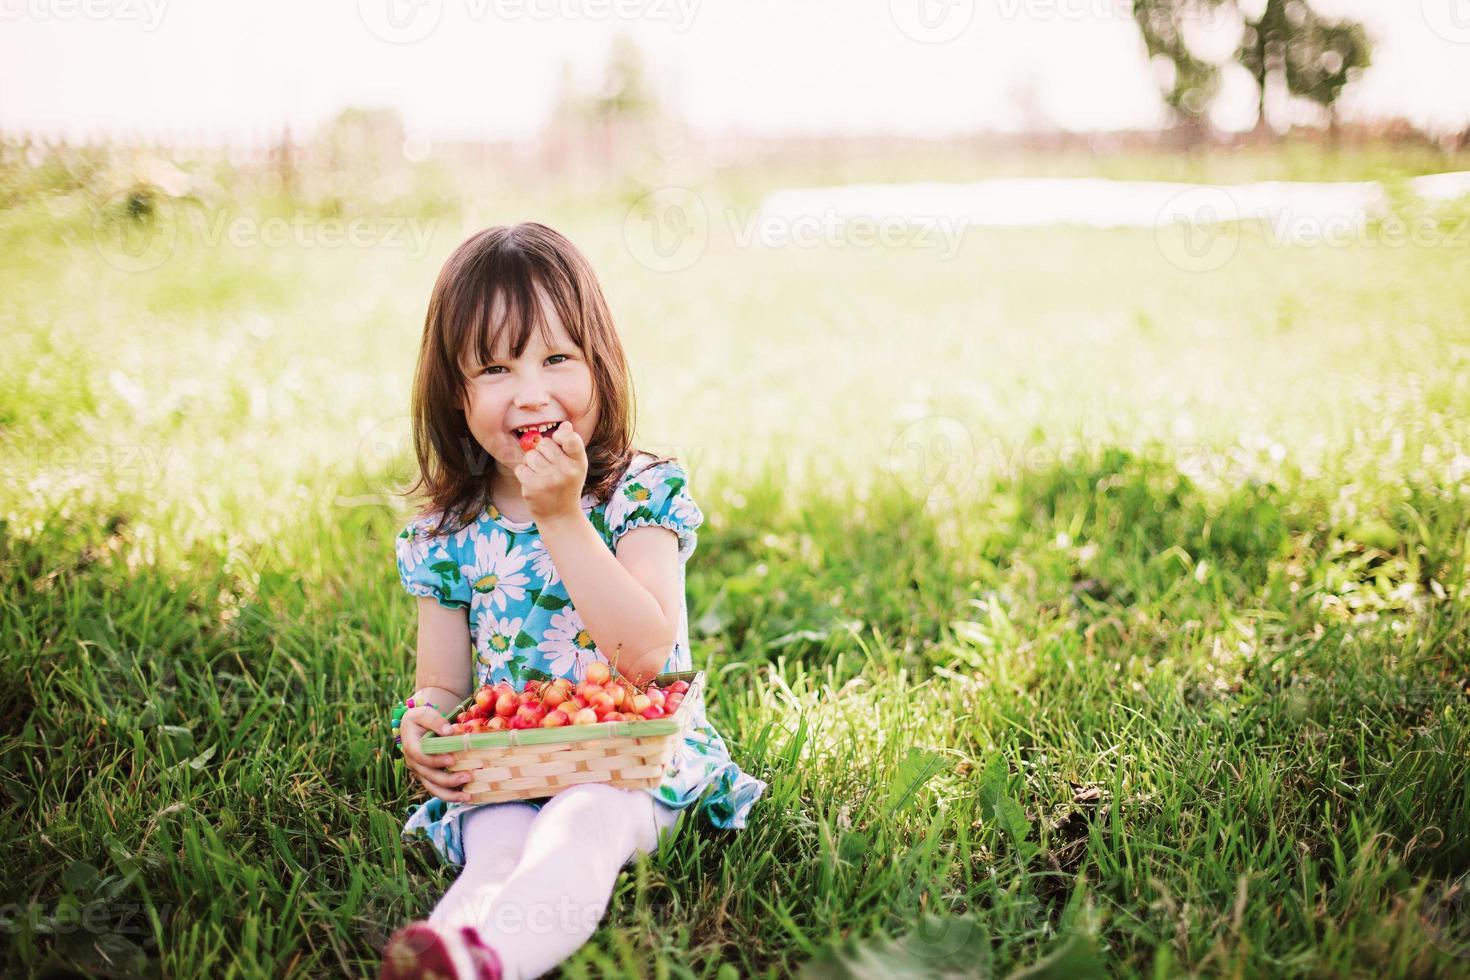 piccola ragazza. foto